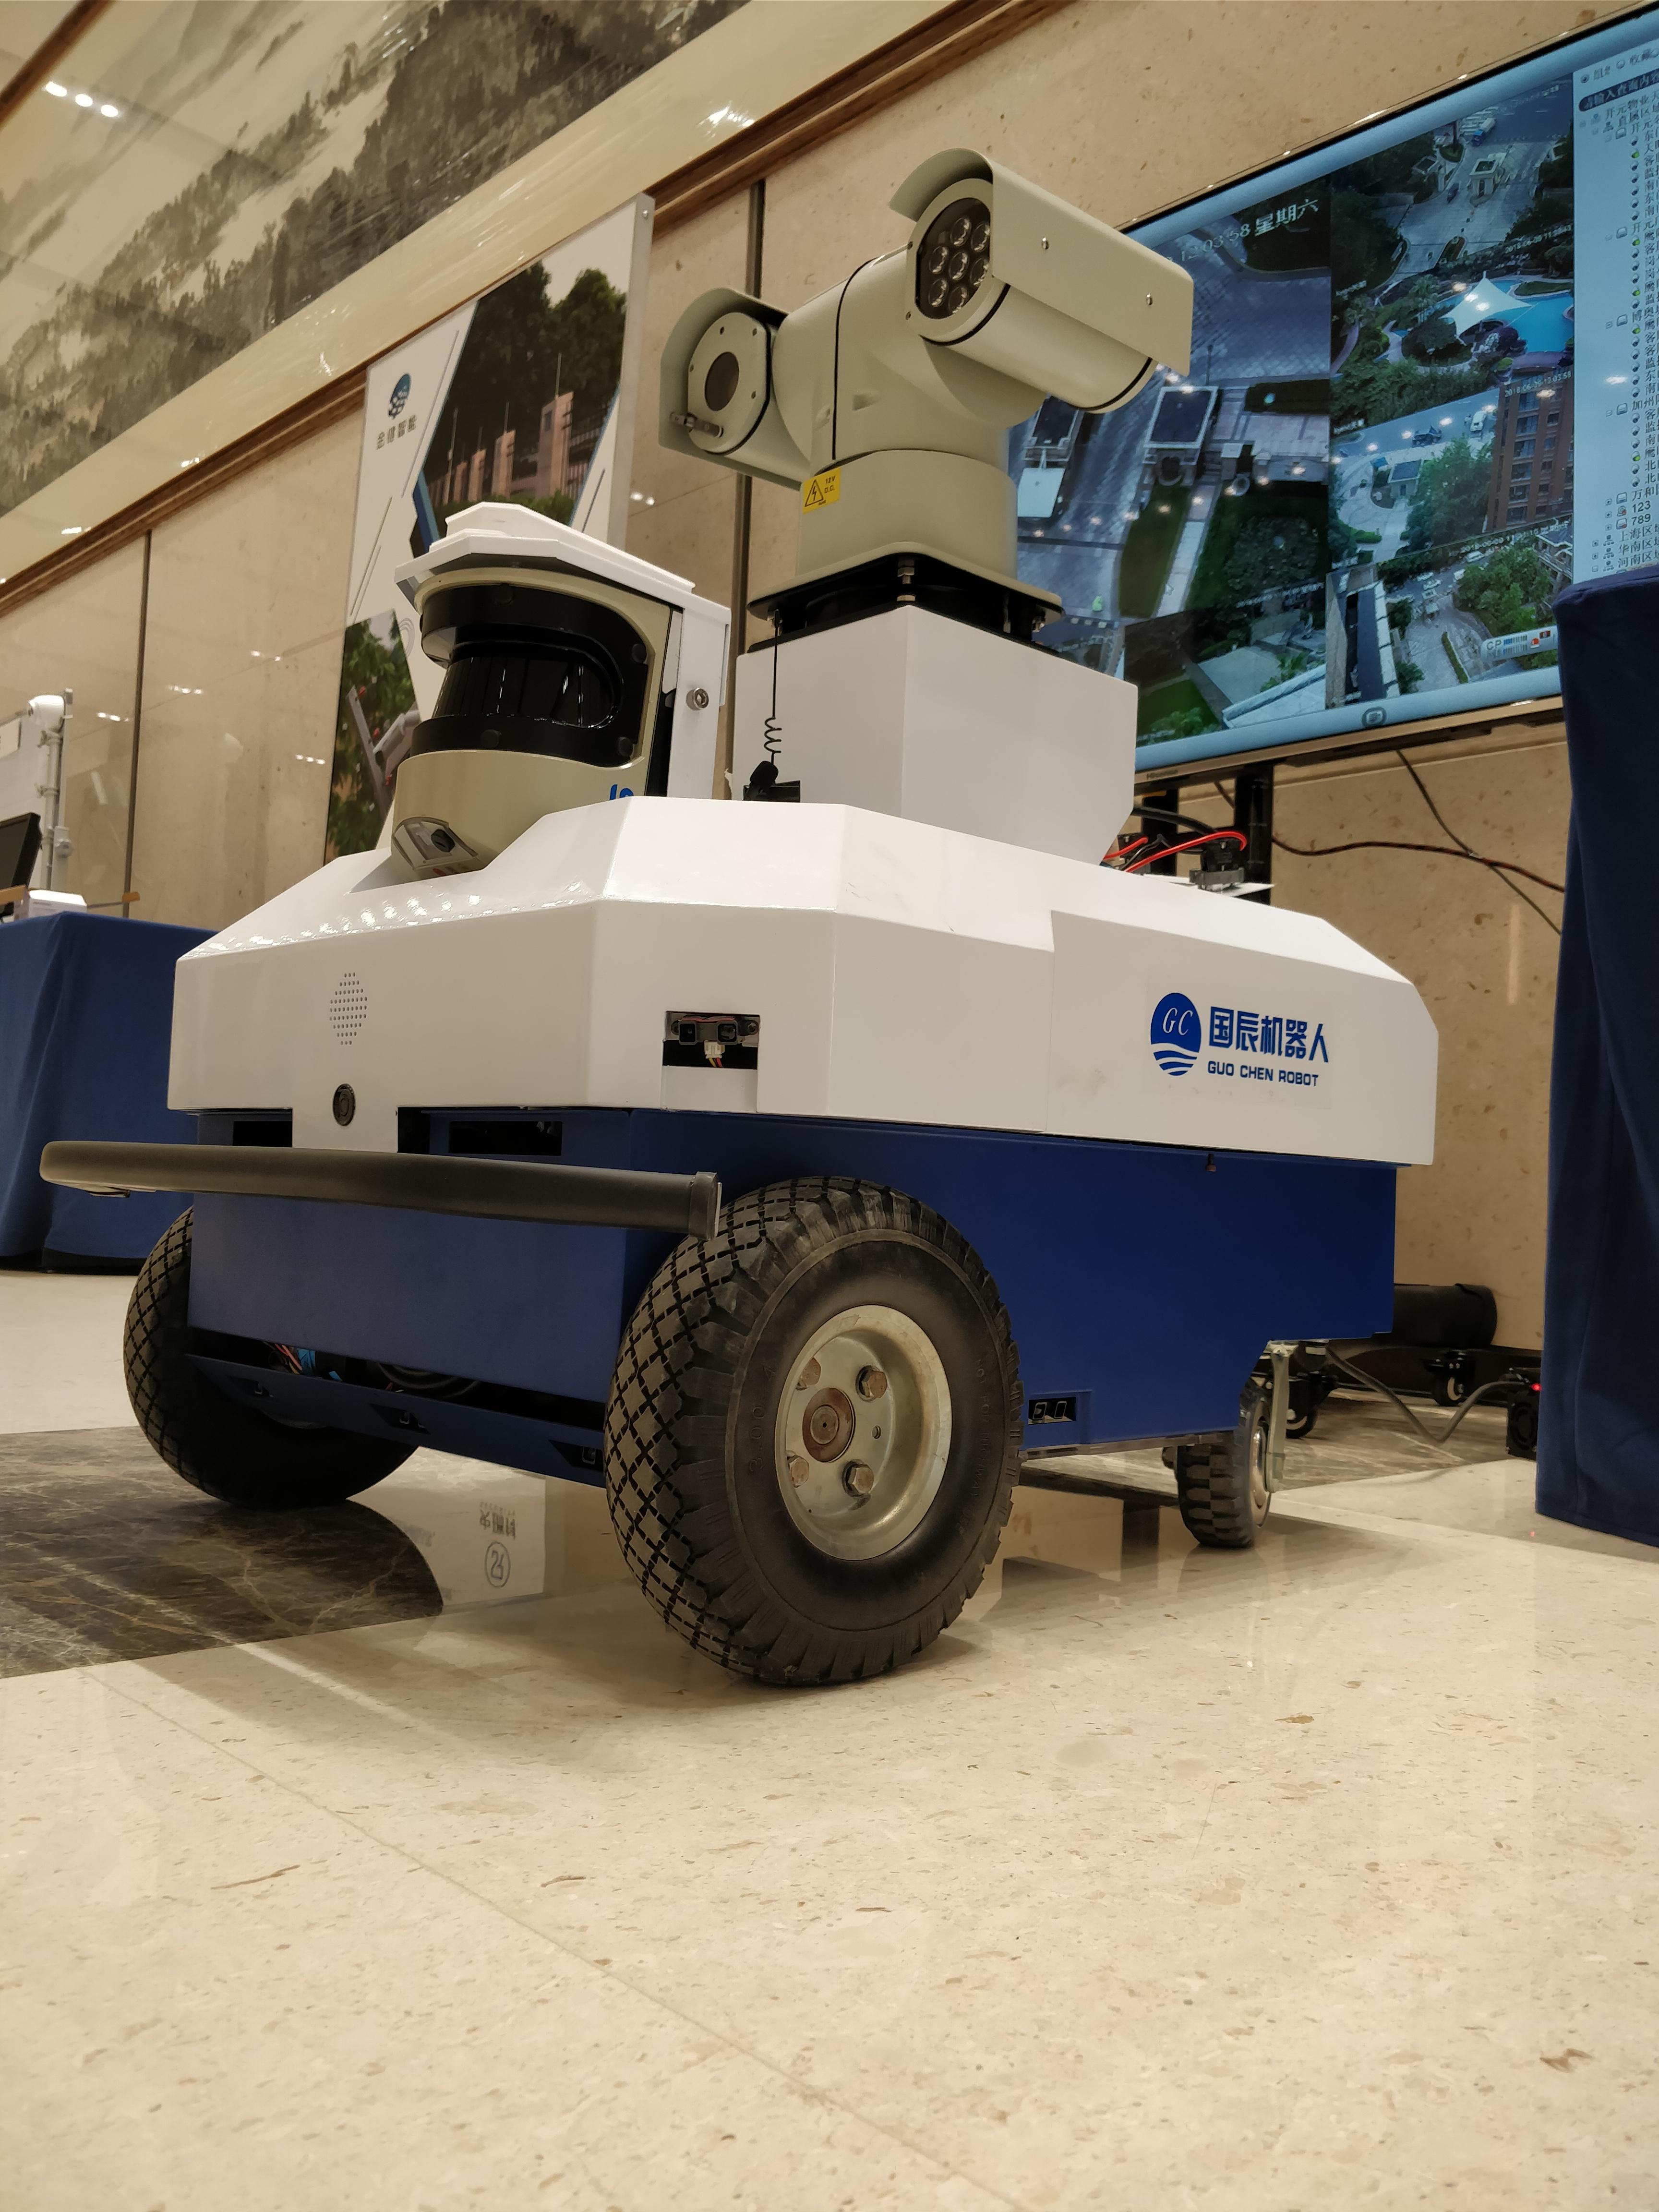 什么是微型减速电机,变电站智能巡检机器人——电力巡检机器人_运行